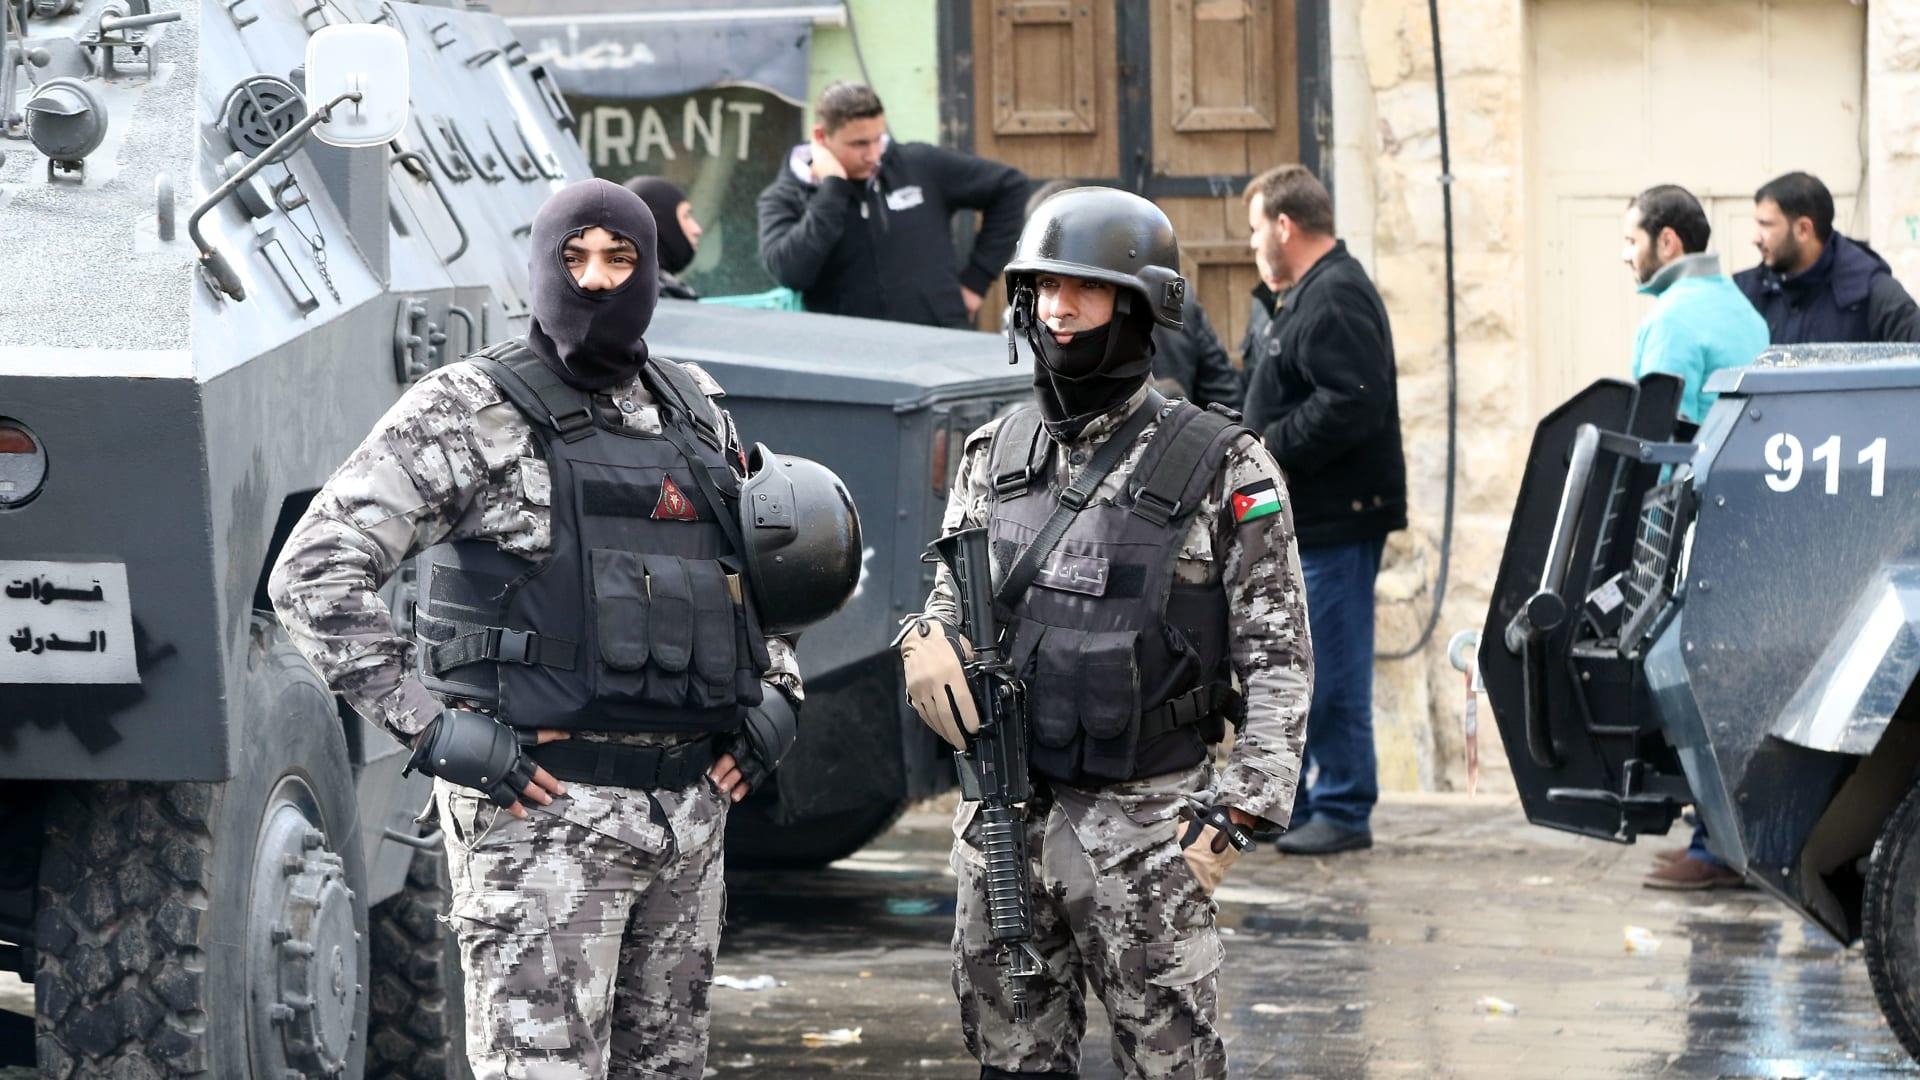 شوارع معان الأردنية.. هل تروي قصة خطر داهم من داعش؟